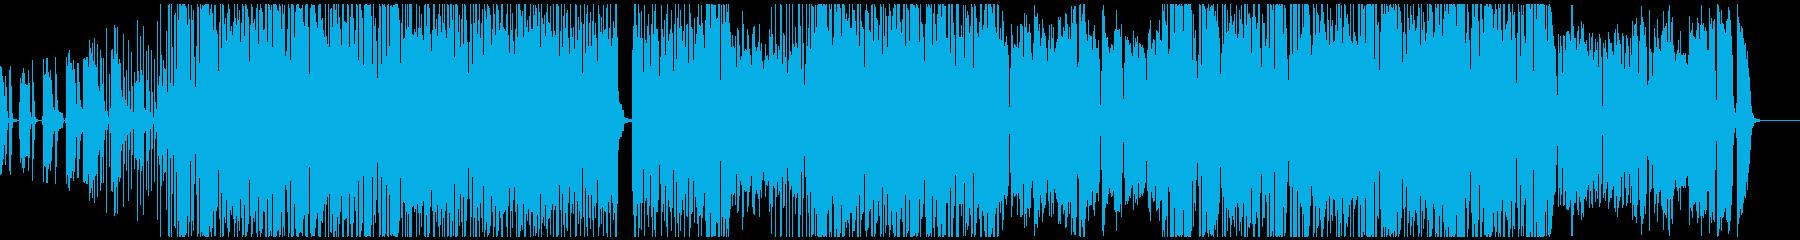 ファンキーで明るく楽しいポップスの再生済みの波形